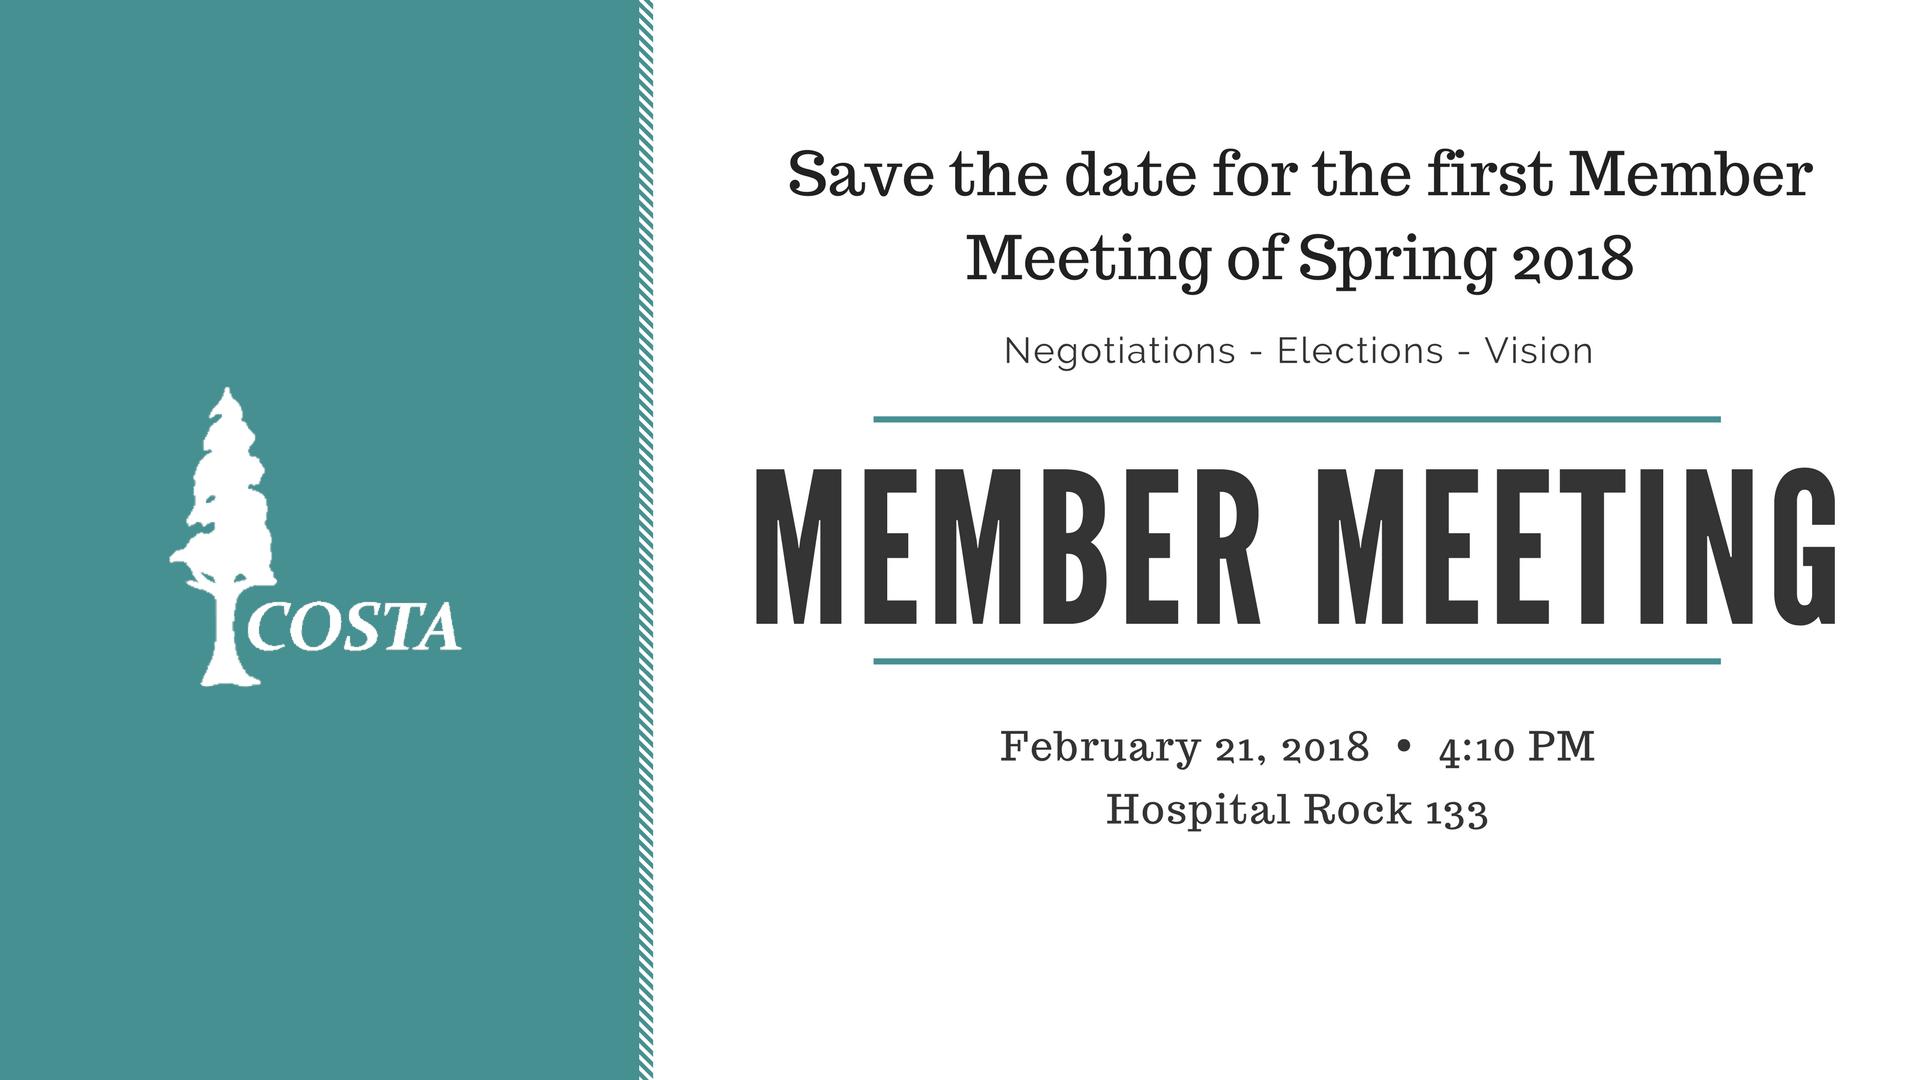 Member Meeting